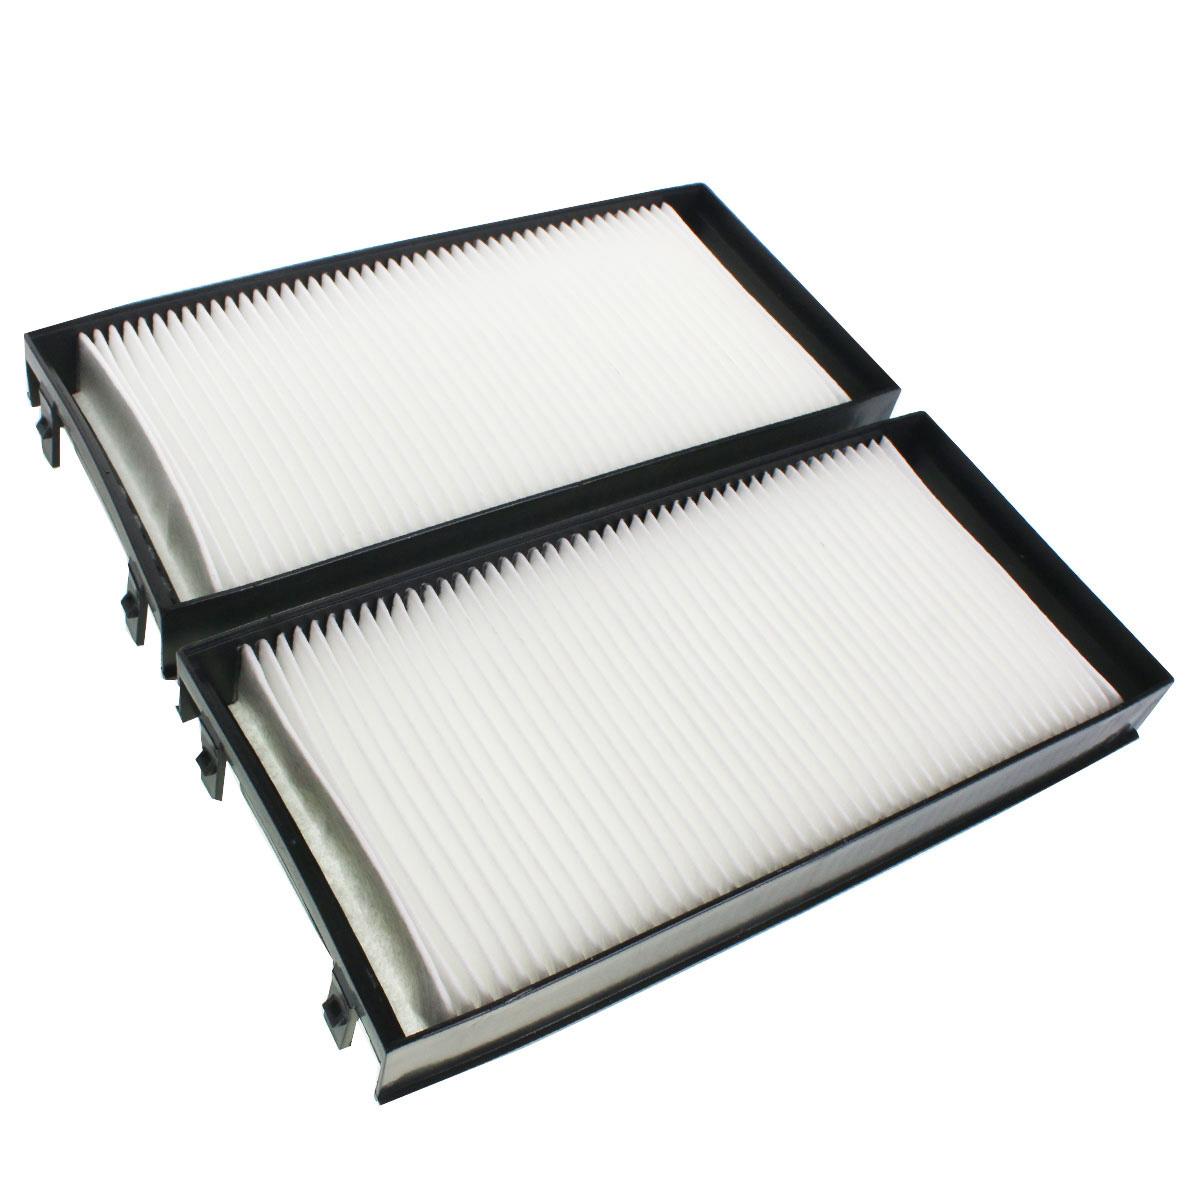 2x Innenraumluftfilter Pollenfilter für BMW X5, BMW X6 entsp. CU2941-2, FK00043